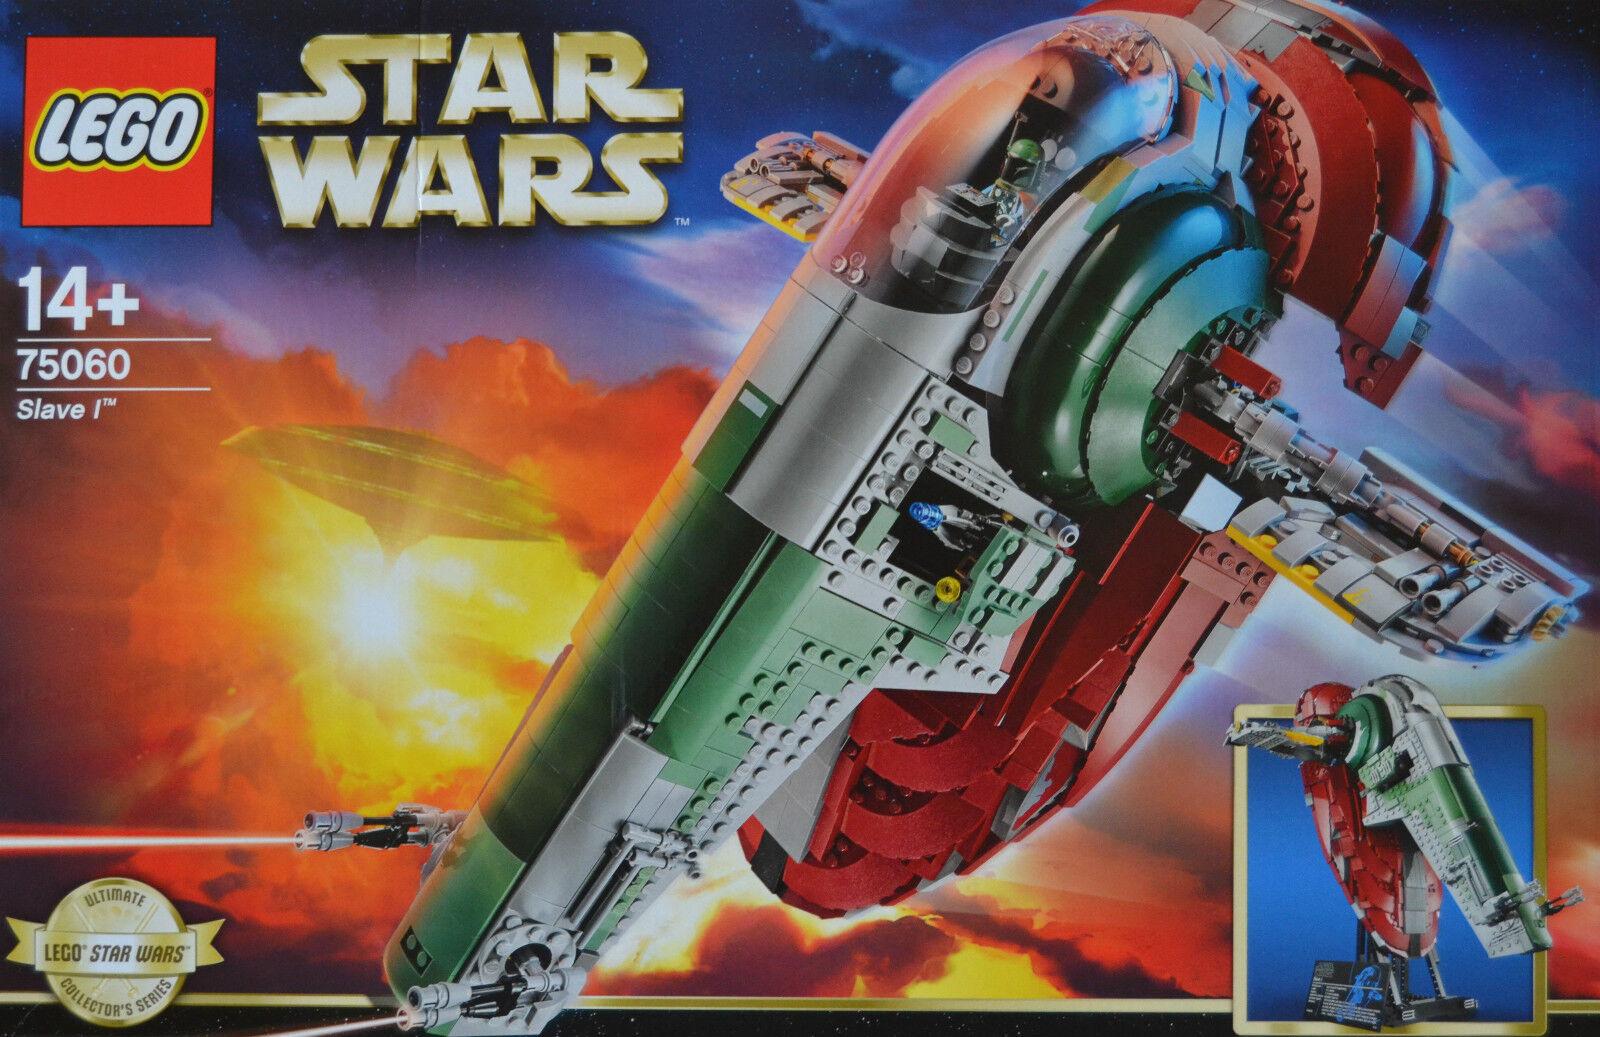 Lego Star Wars Nave Espacial 75060 Esclavo 1 Incl. Allen Figuras Raro RAR Nuevo